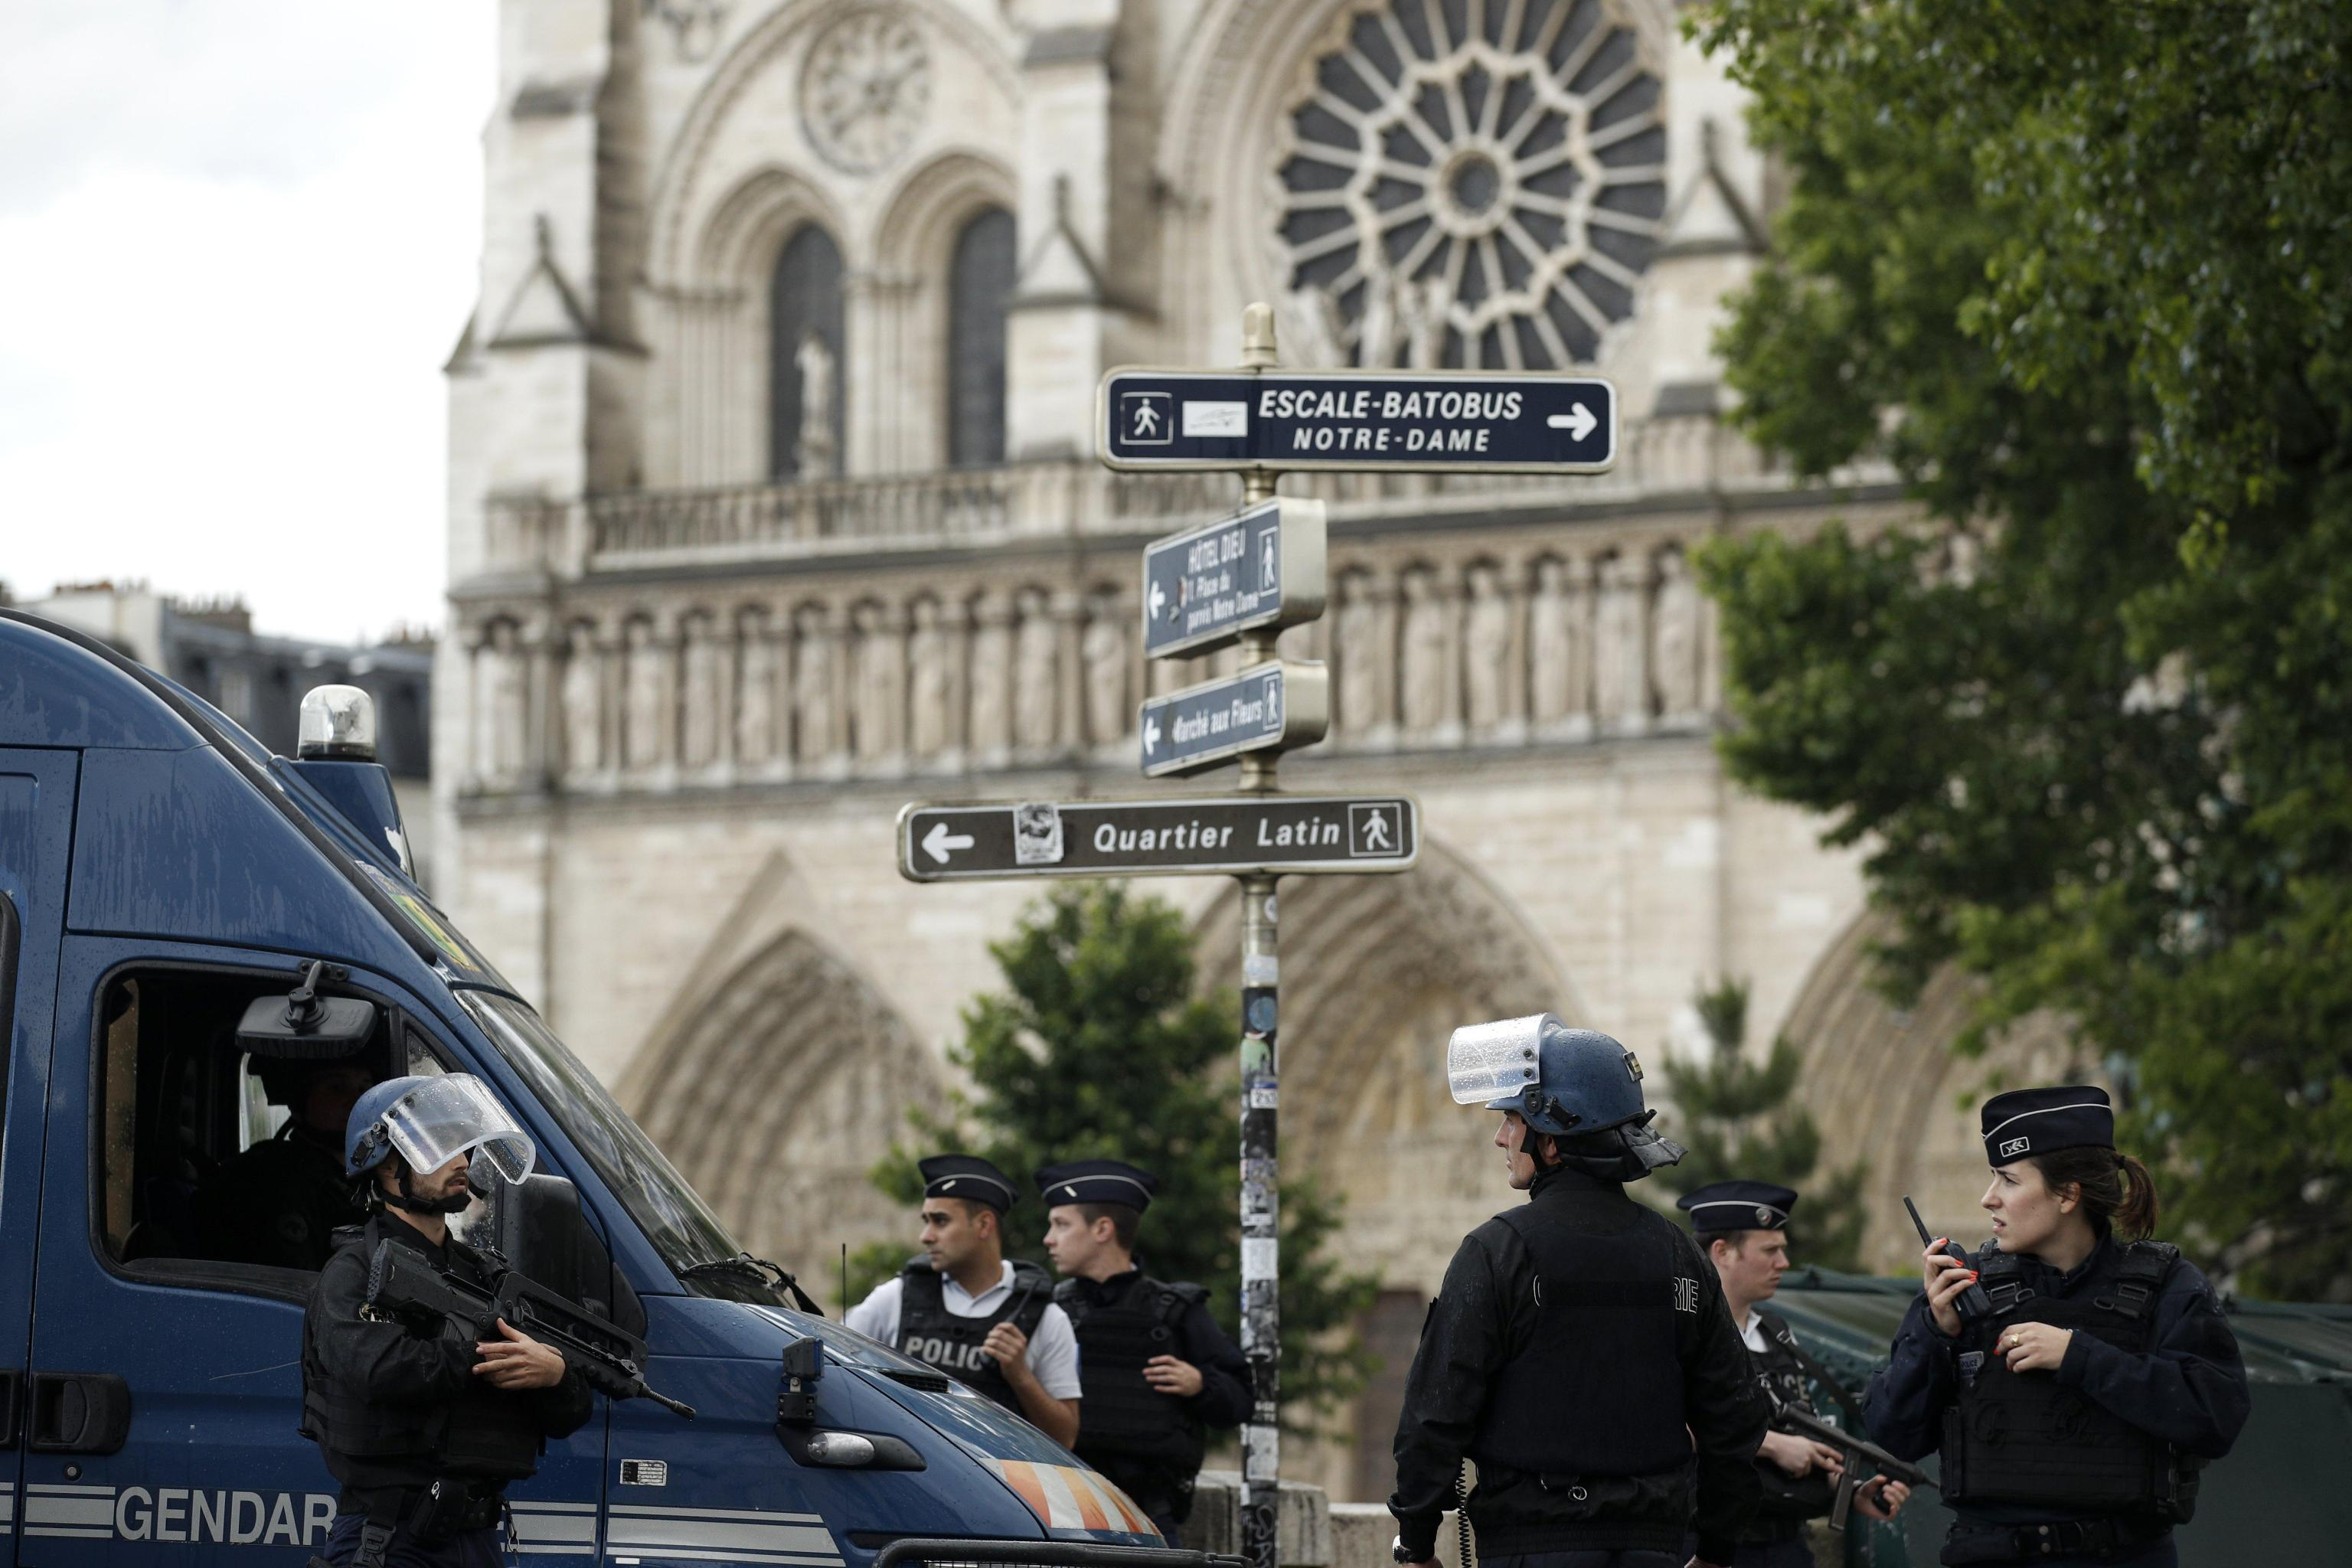 Attentato Parigi a Notre-Dame: l'aggressore era un giornalista algerino fedele all'Isis